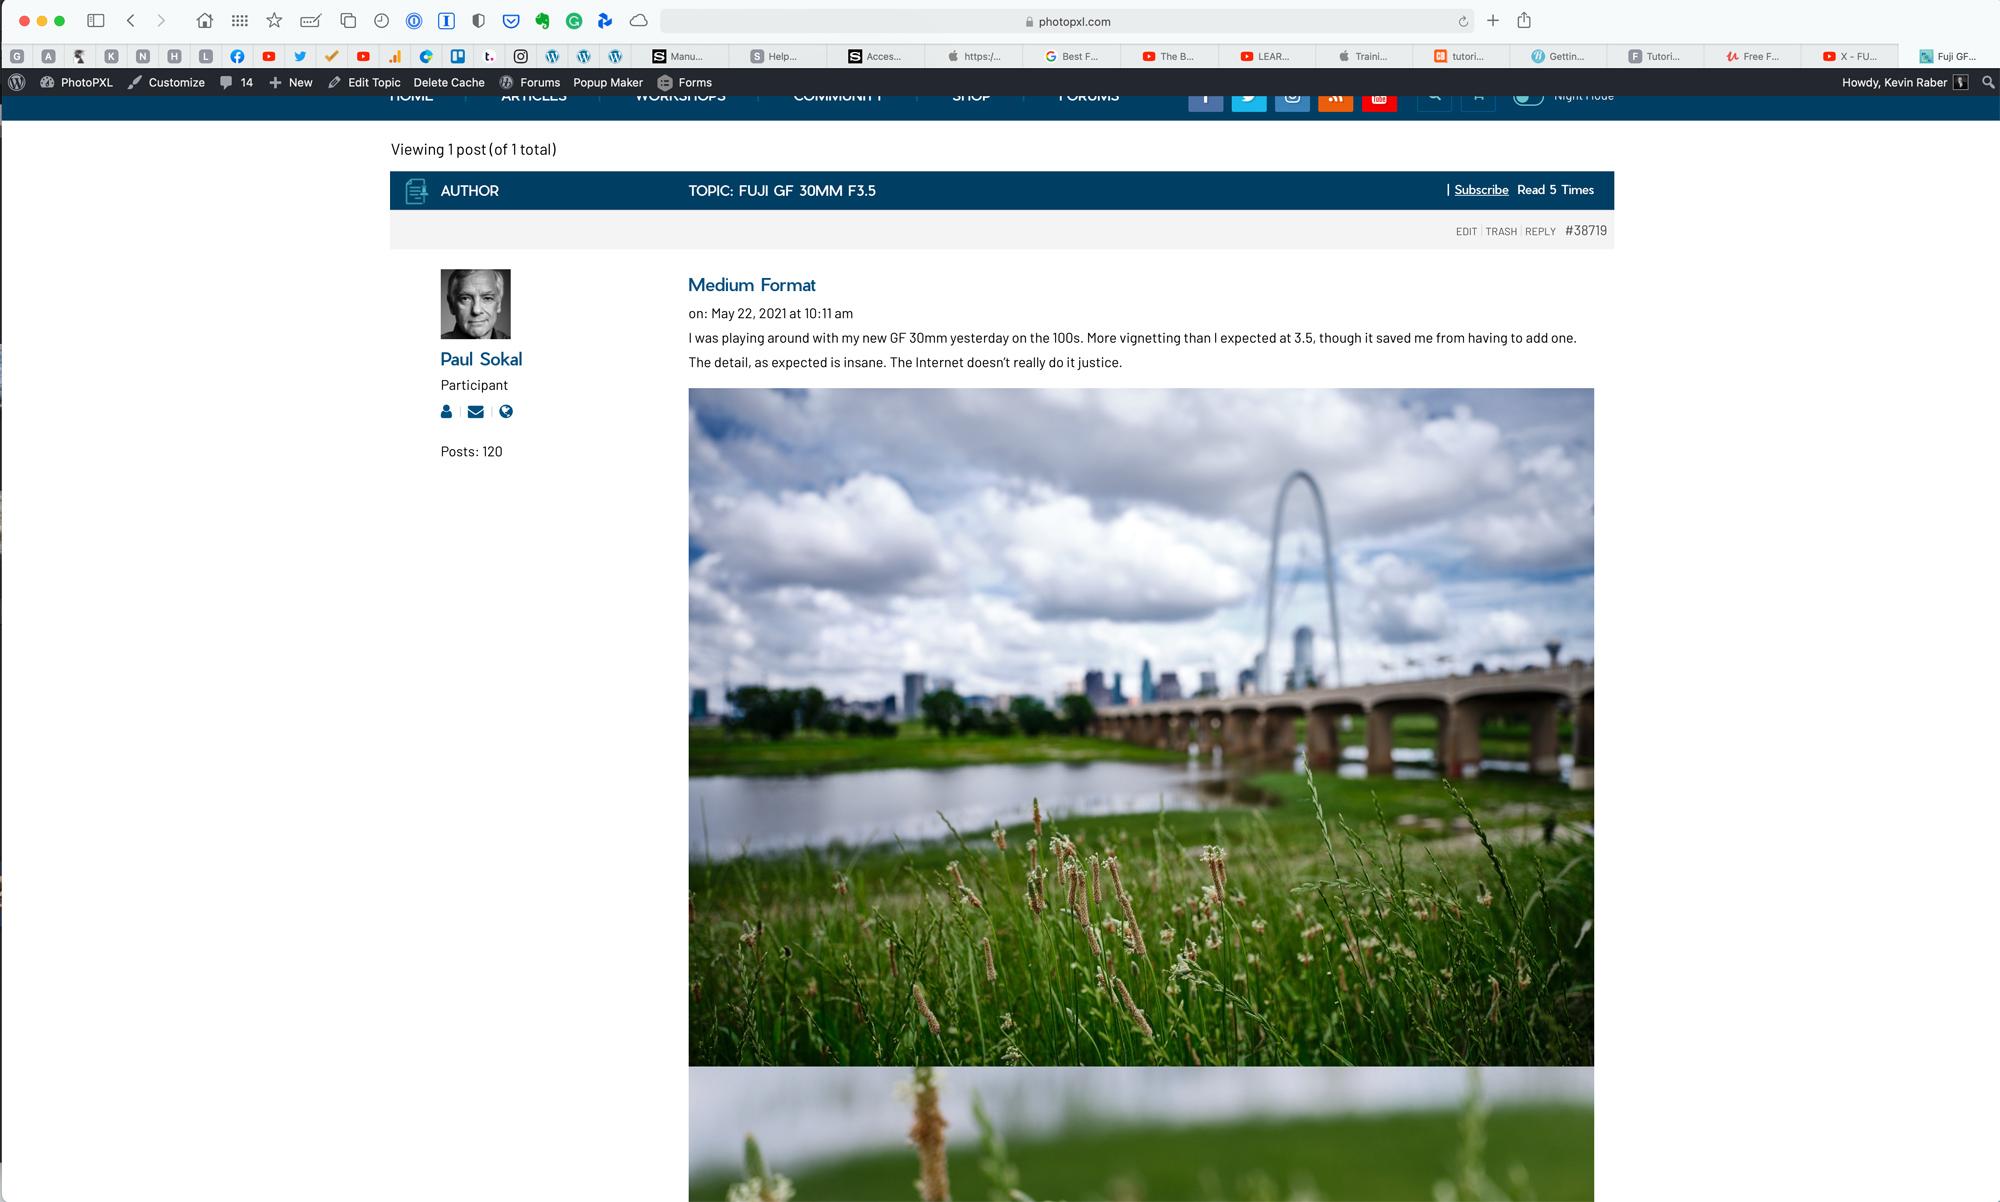 screen shot as it appears in forum